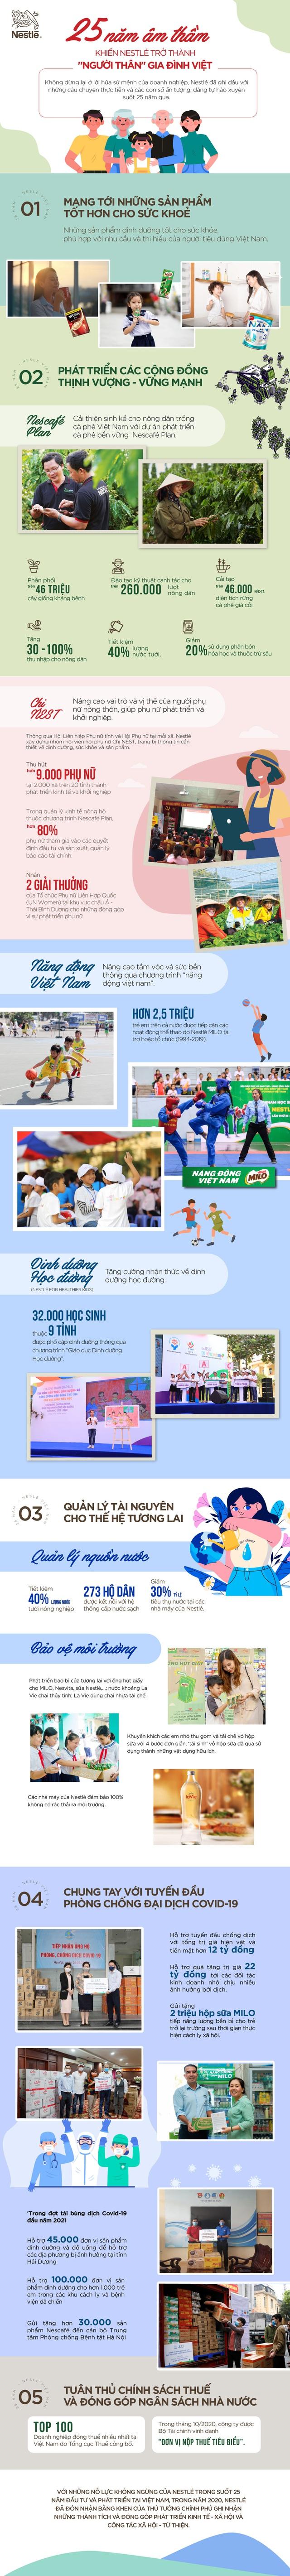 25 năm âm thầm khiến Nestlé trở thành người thân gia đình Việt - Ảnh 1.